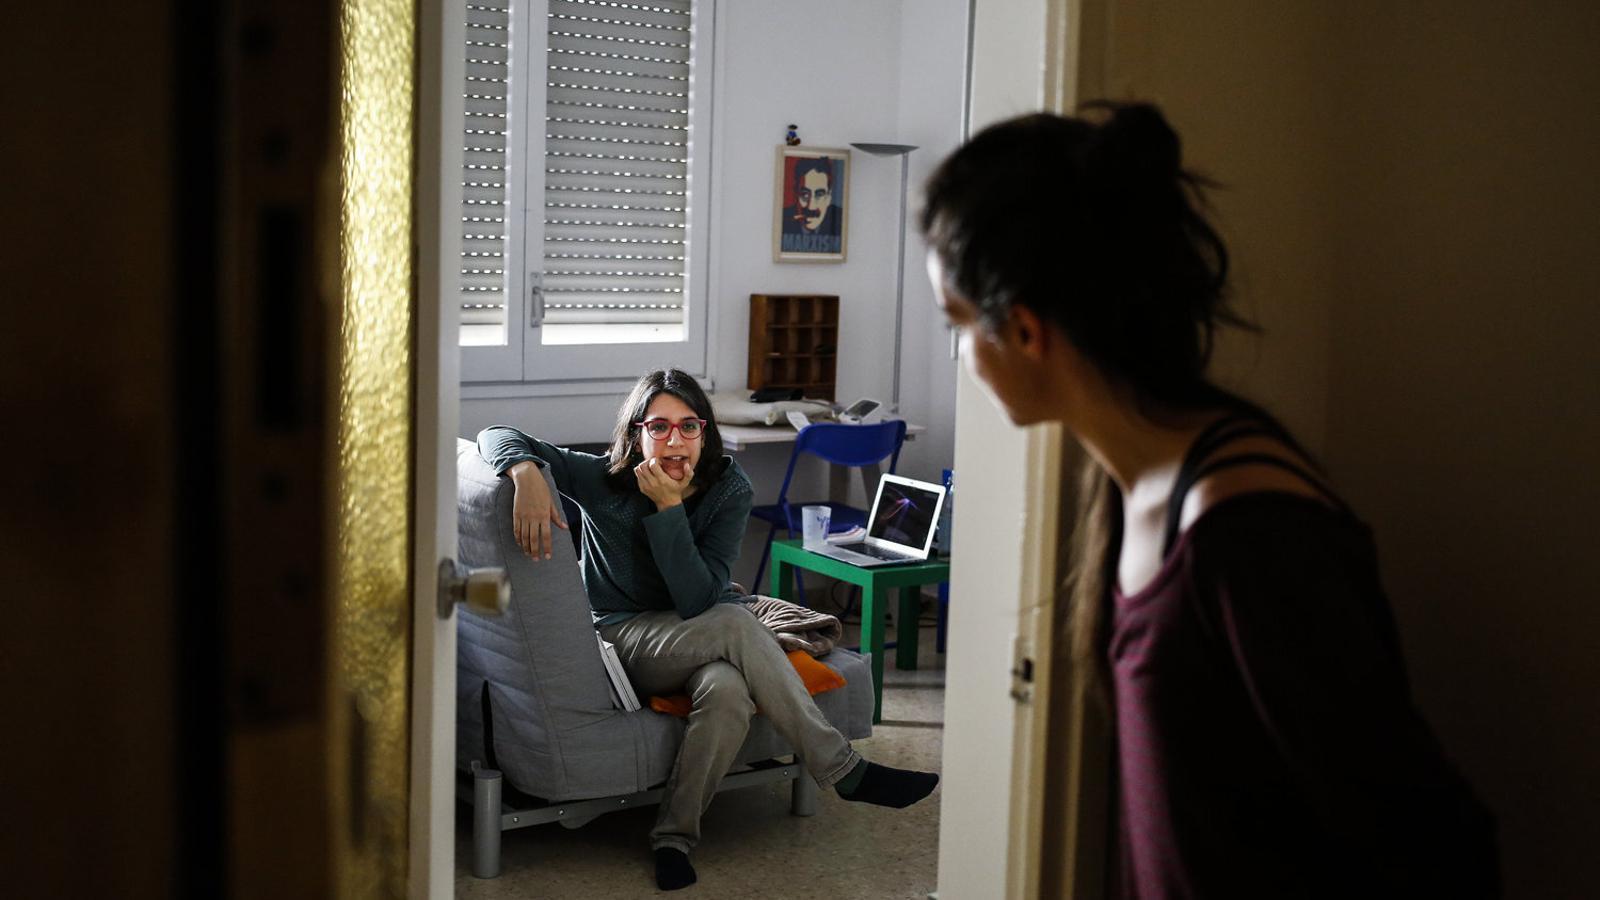 L'Àngela (esquerra), de 34 anys, té símptomes de covid-19 des del 22 de març. A la foto, parlant a distància amb la seva germana.